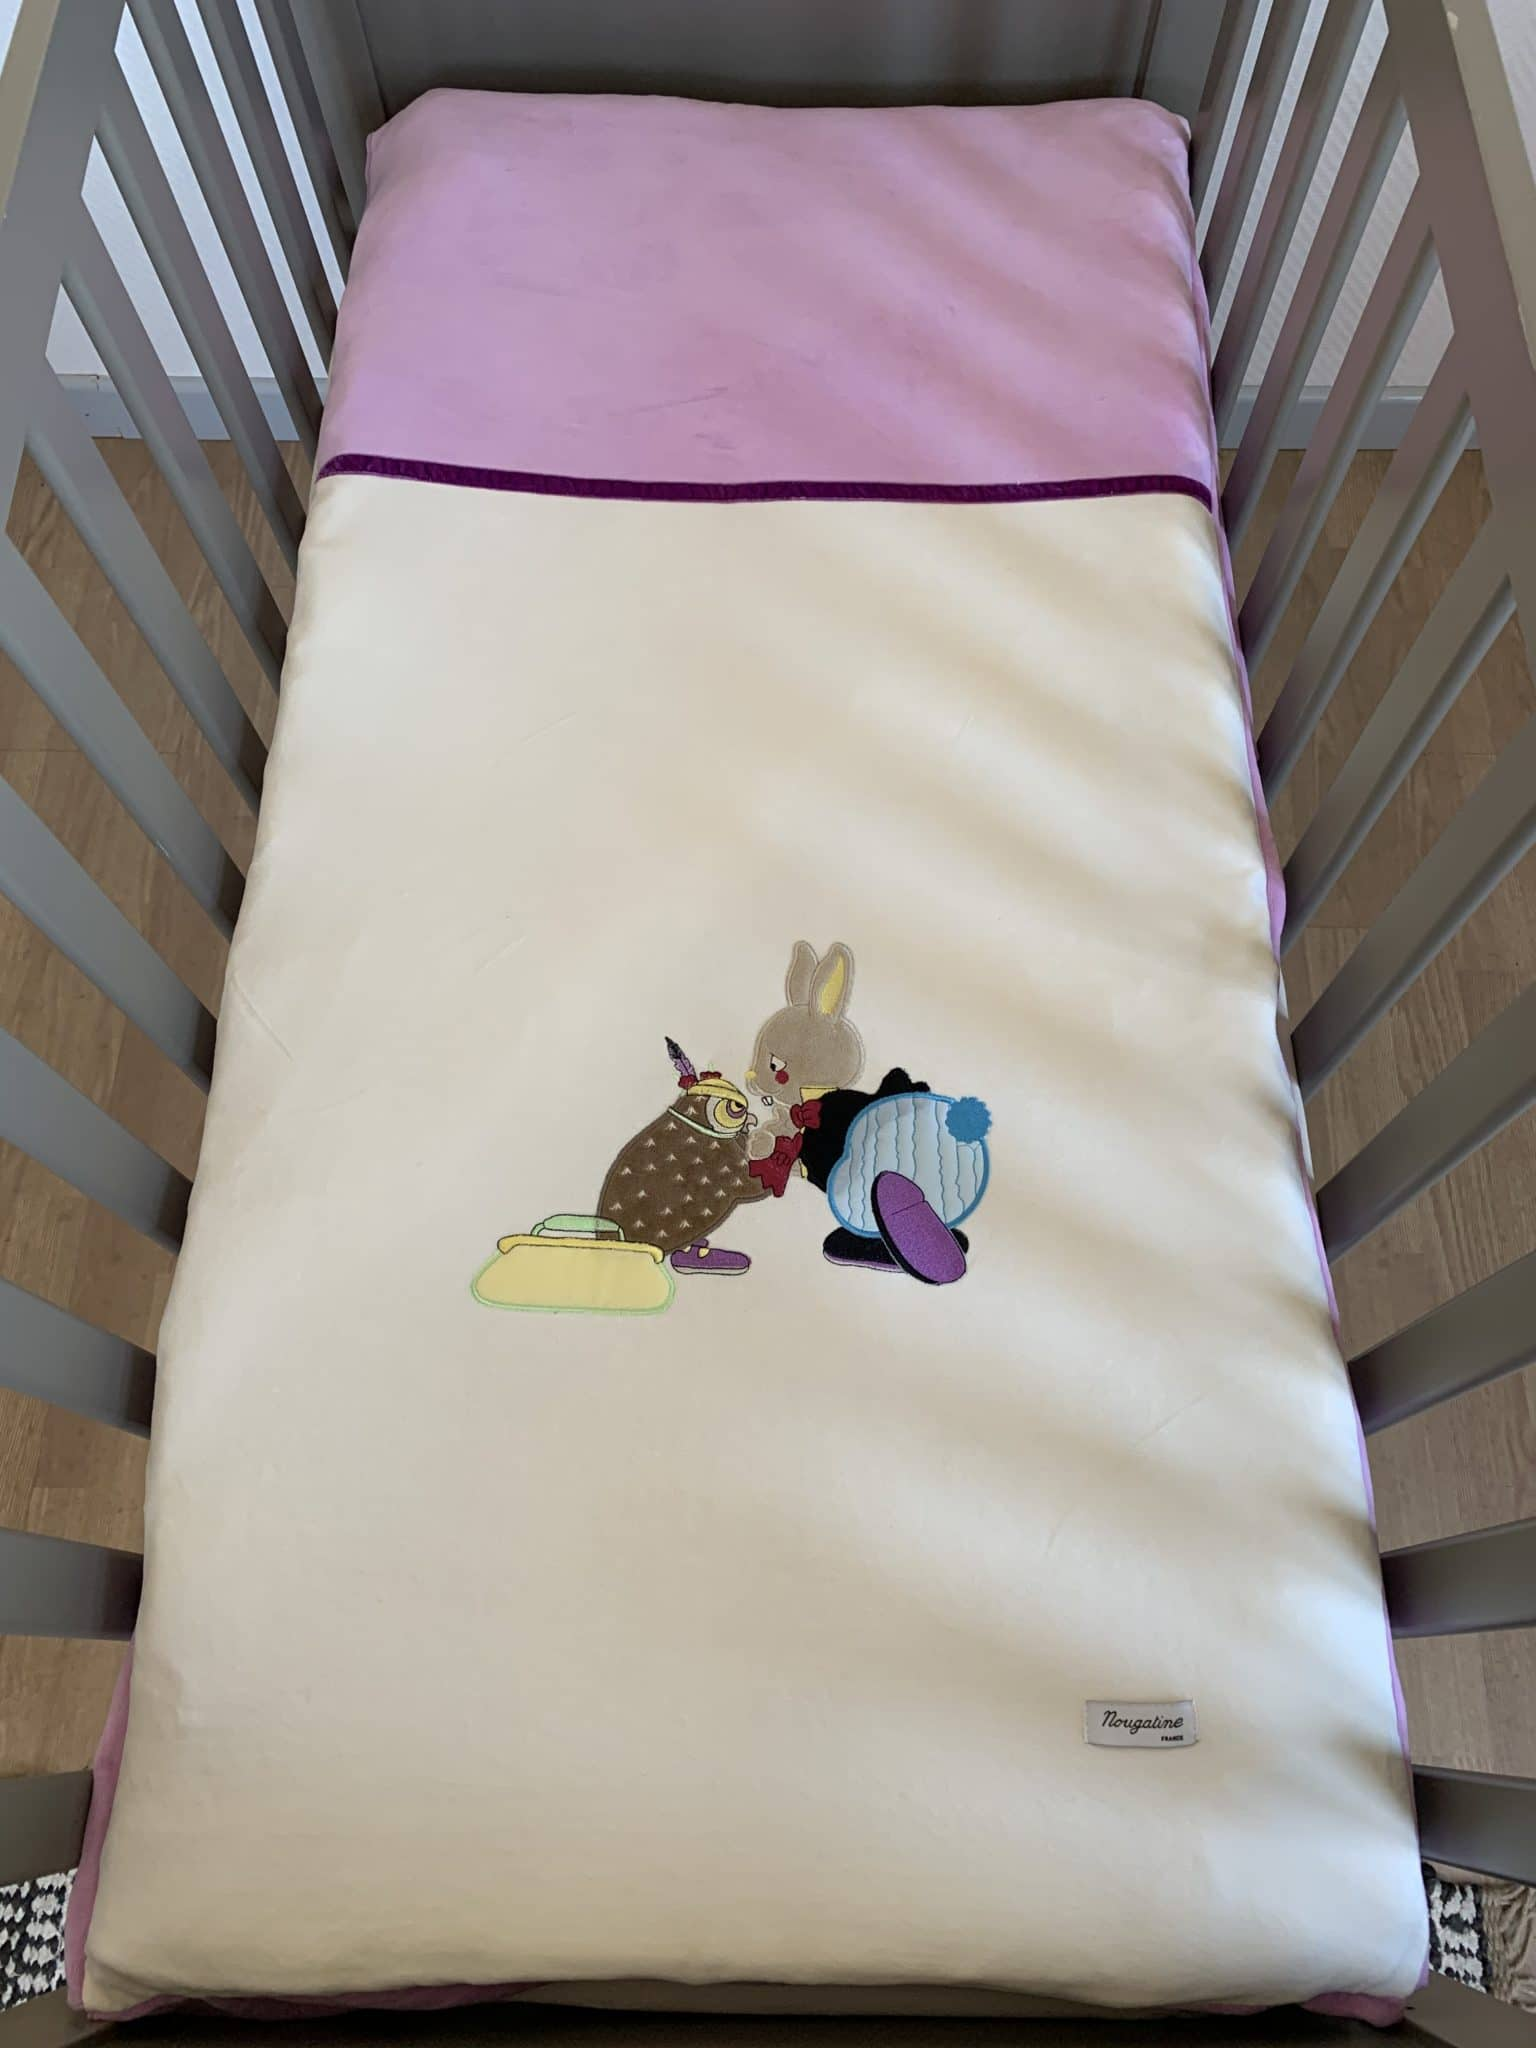 edredon hibou beige et violet